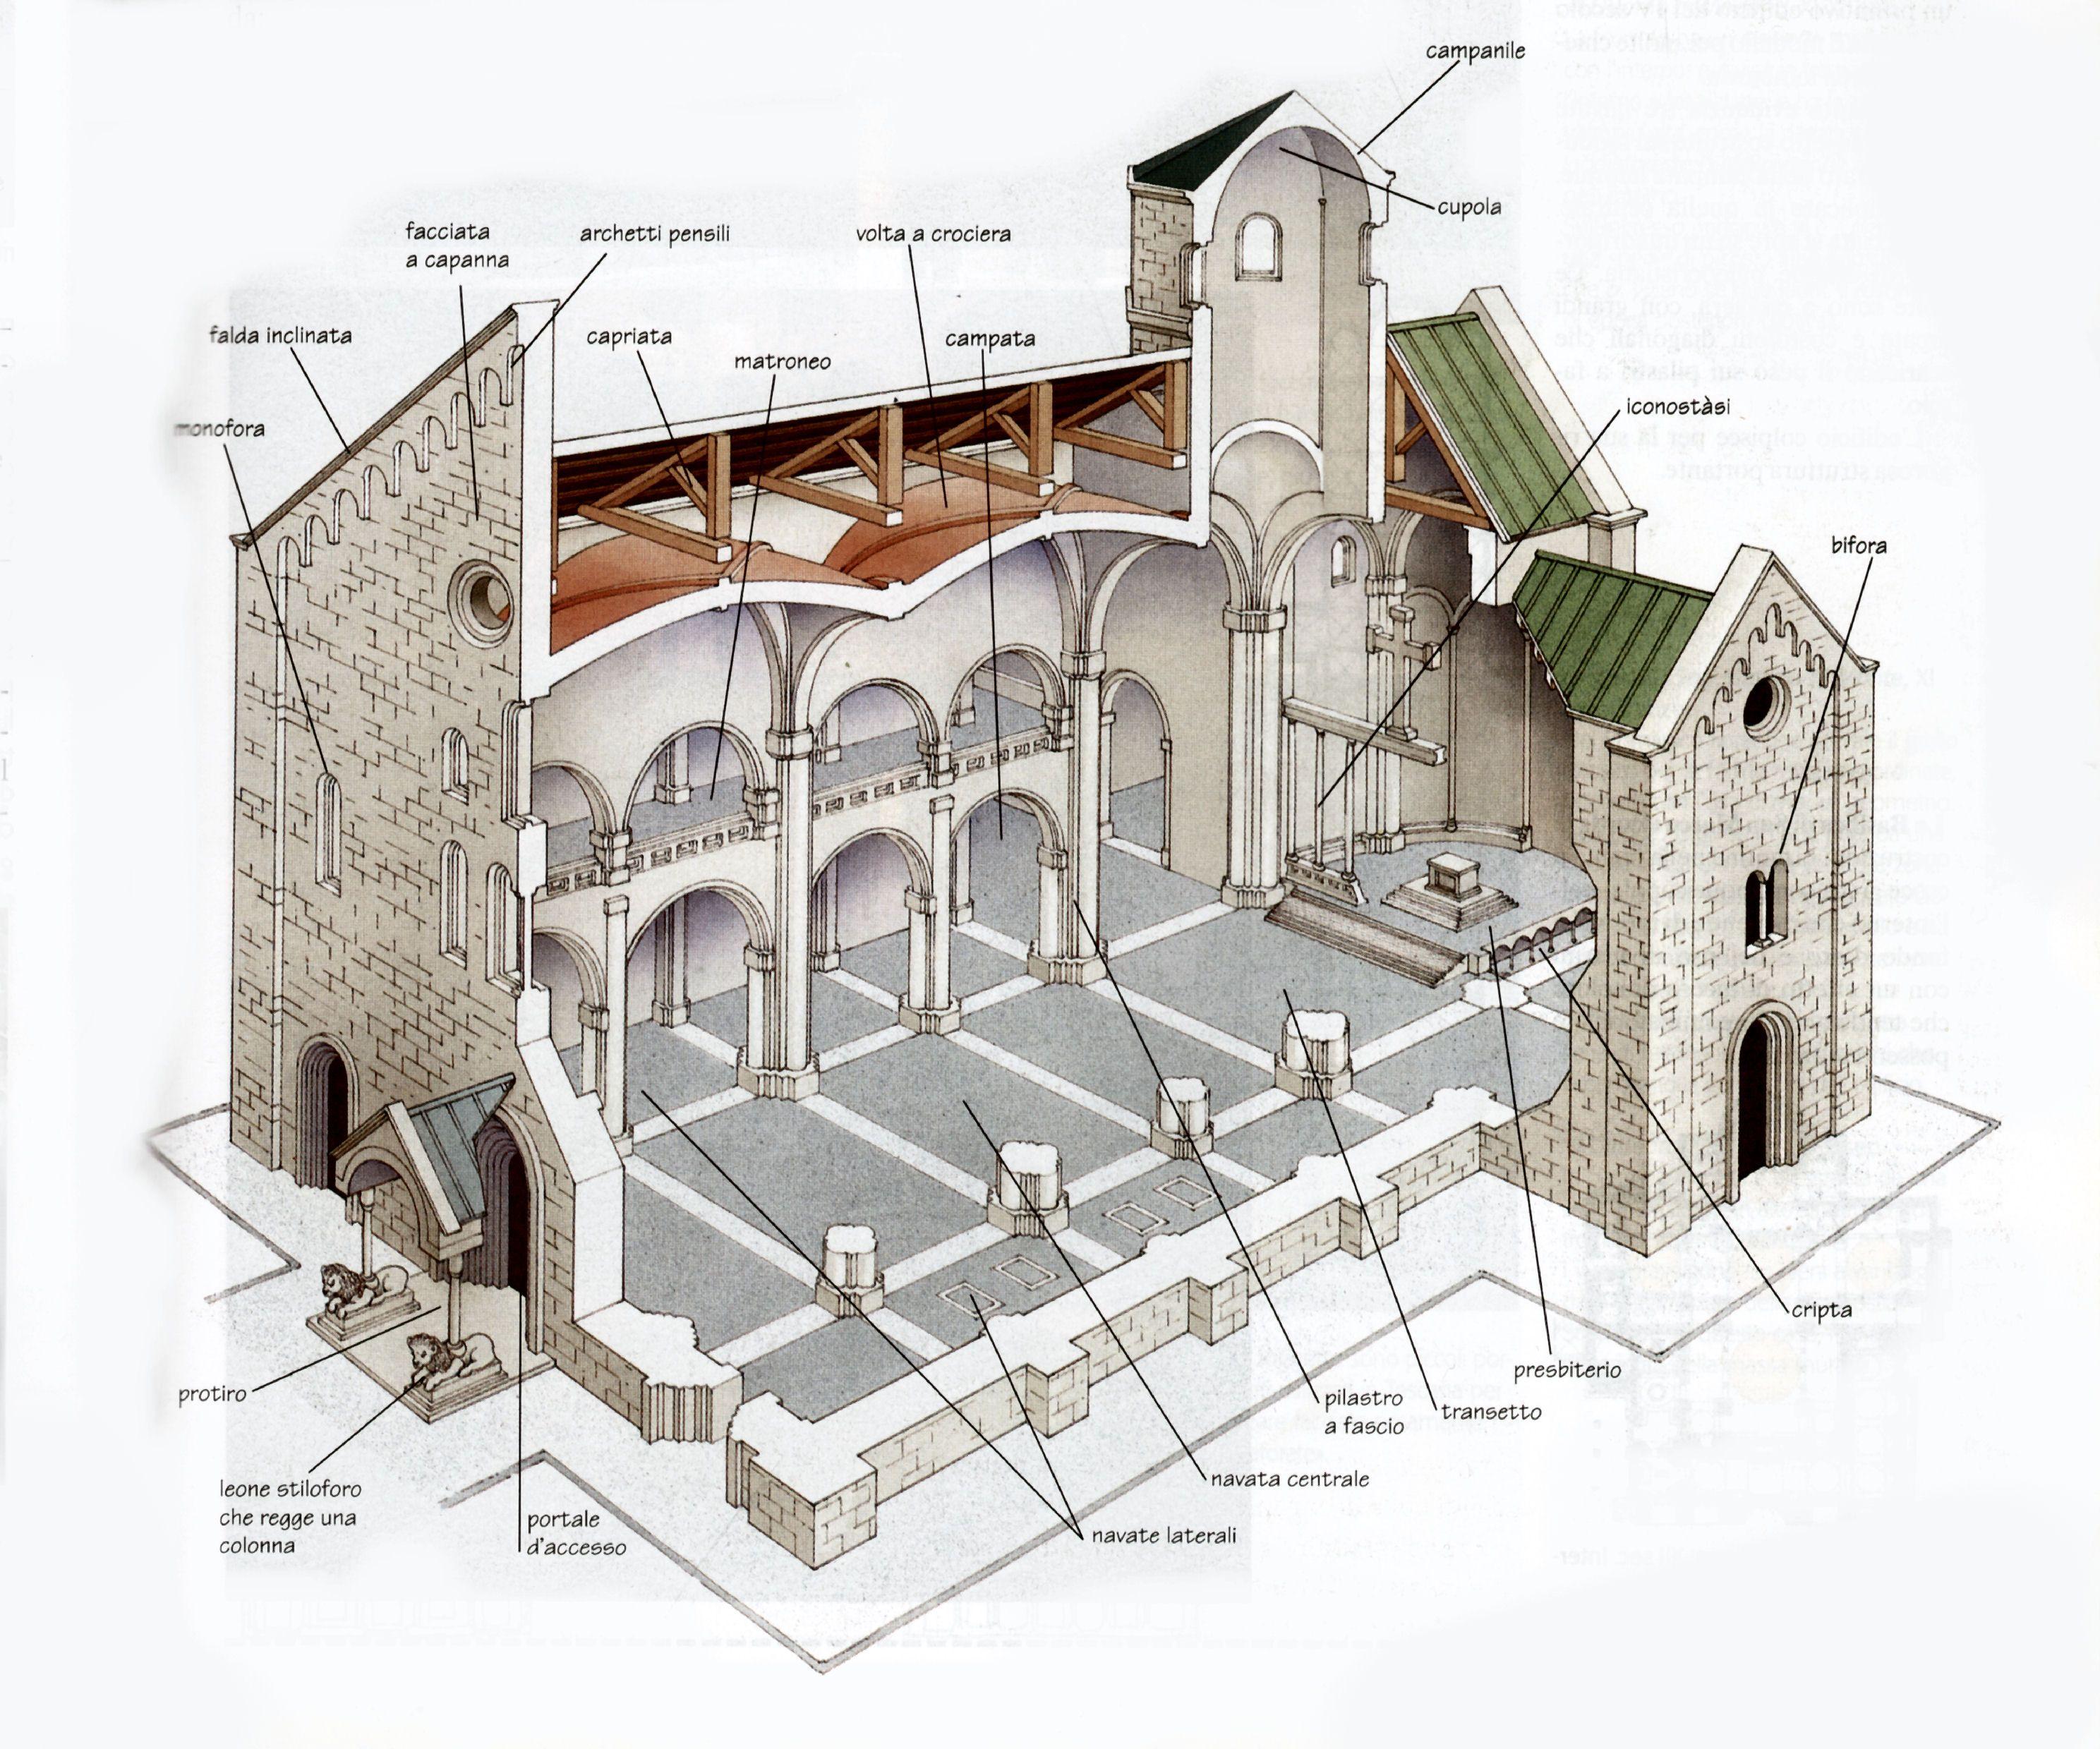 Architettura arte romanica arte romanica e gotica - Finestre circolari delle chiese gotiche ...